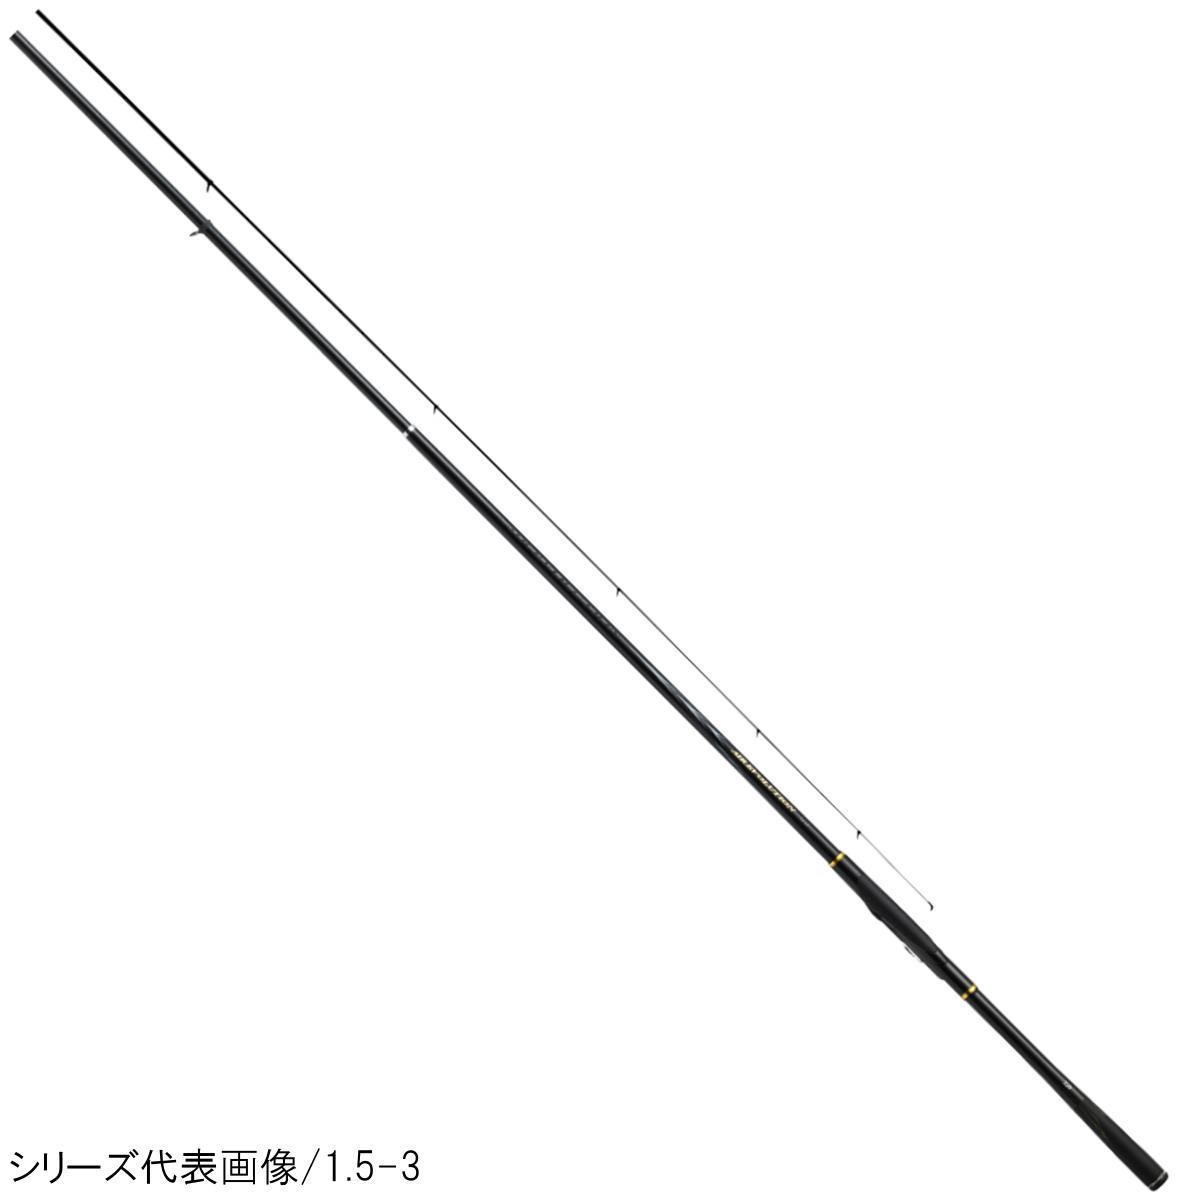 ダイワ エア エボリューション 1.5-53【送料無料】